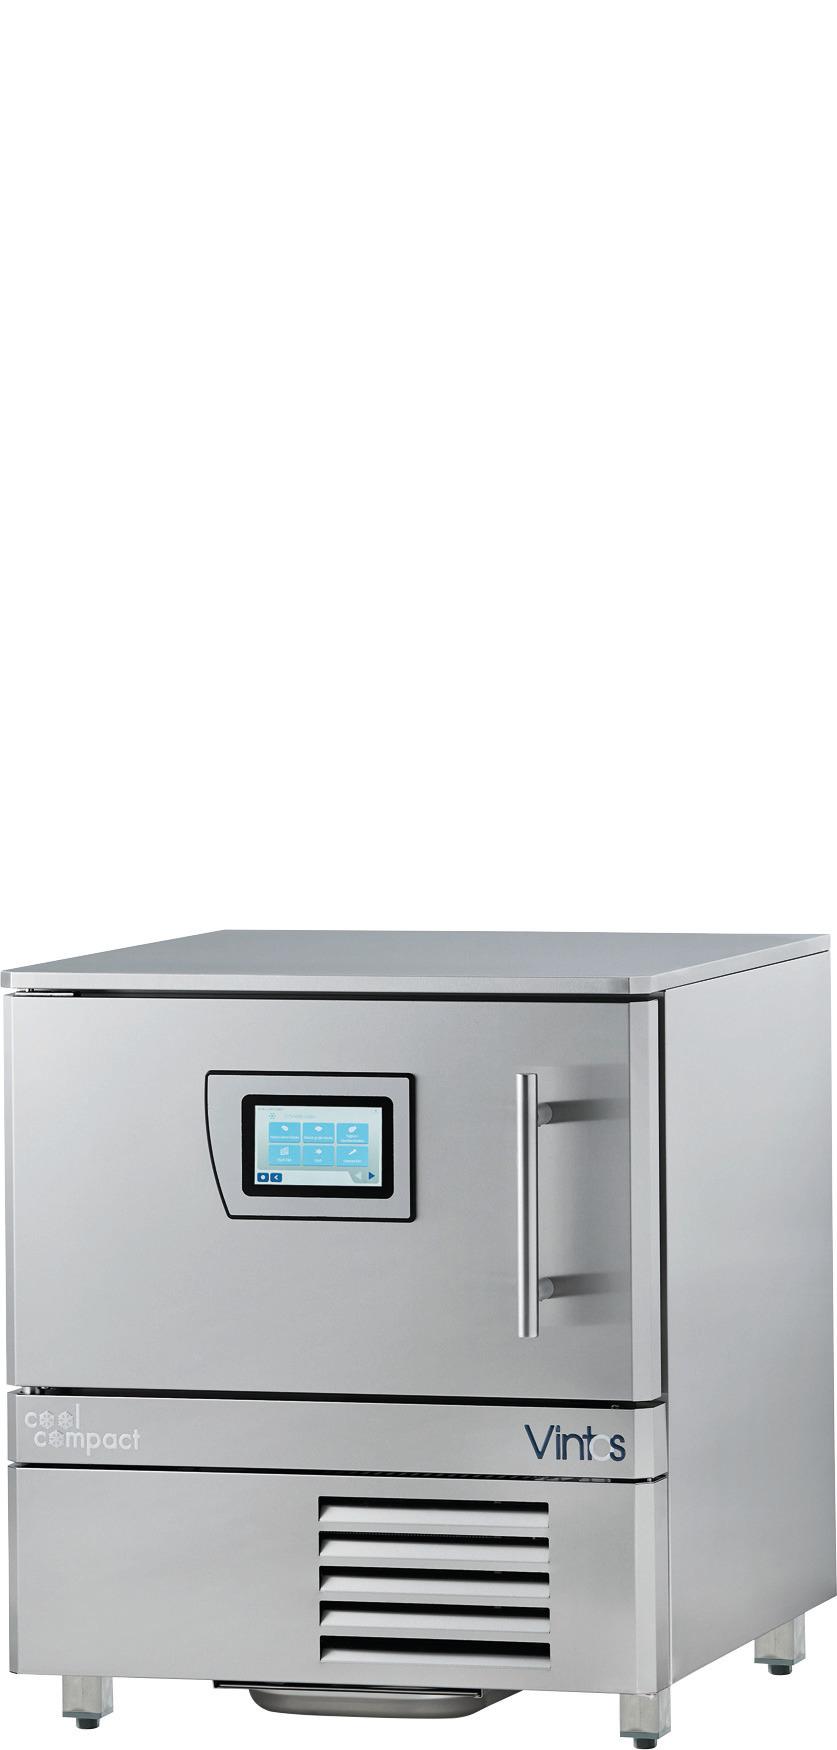 Schnellkühler / Schockfroster 4 x GN 1/1 Quereinschub / zentralgekühlt